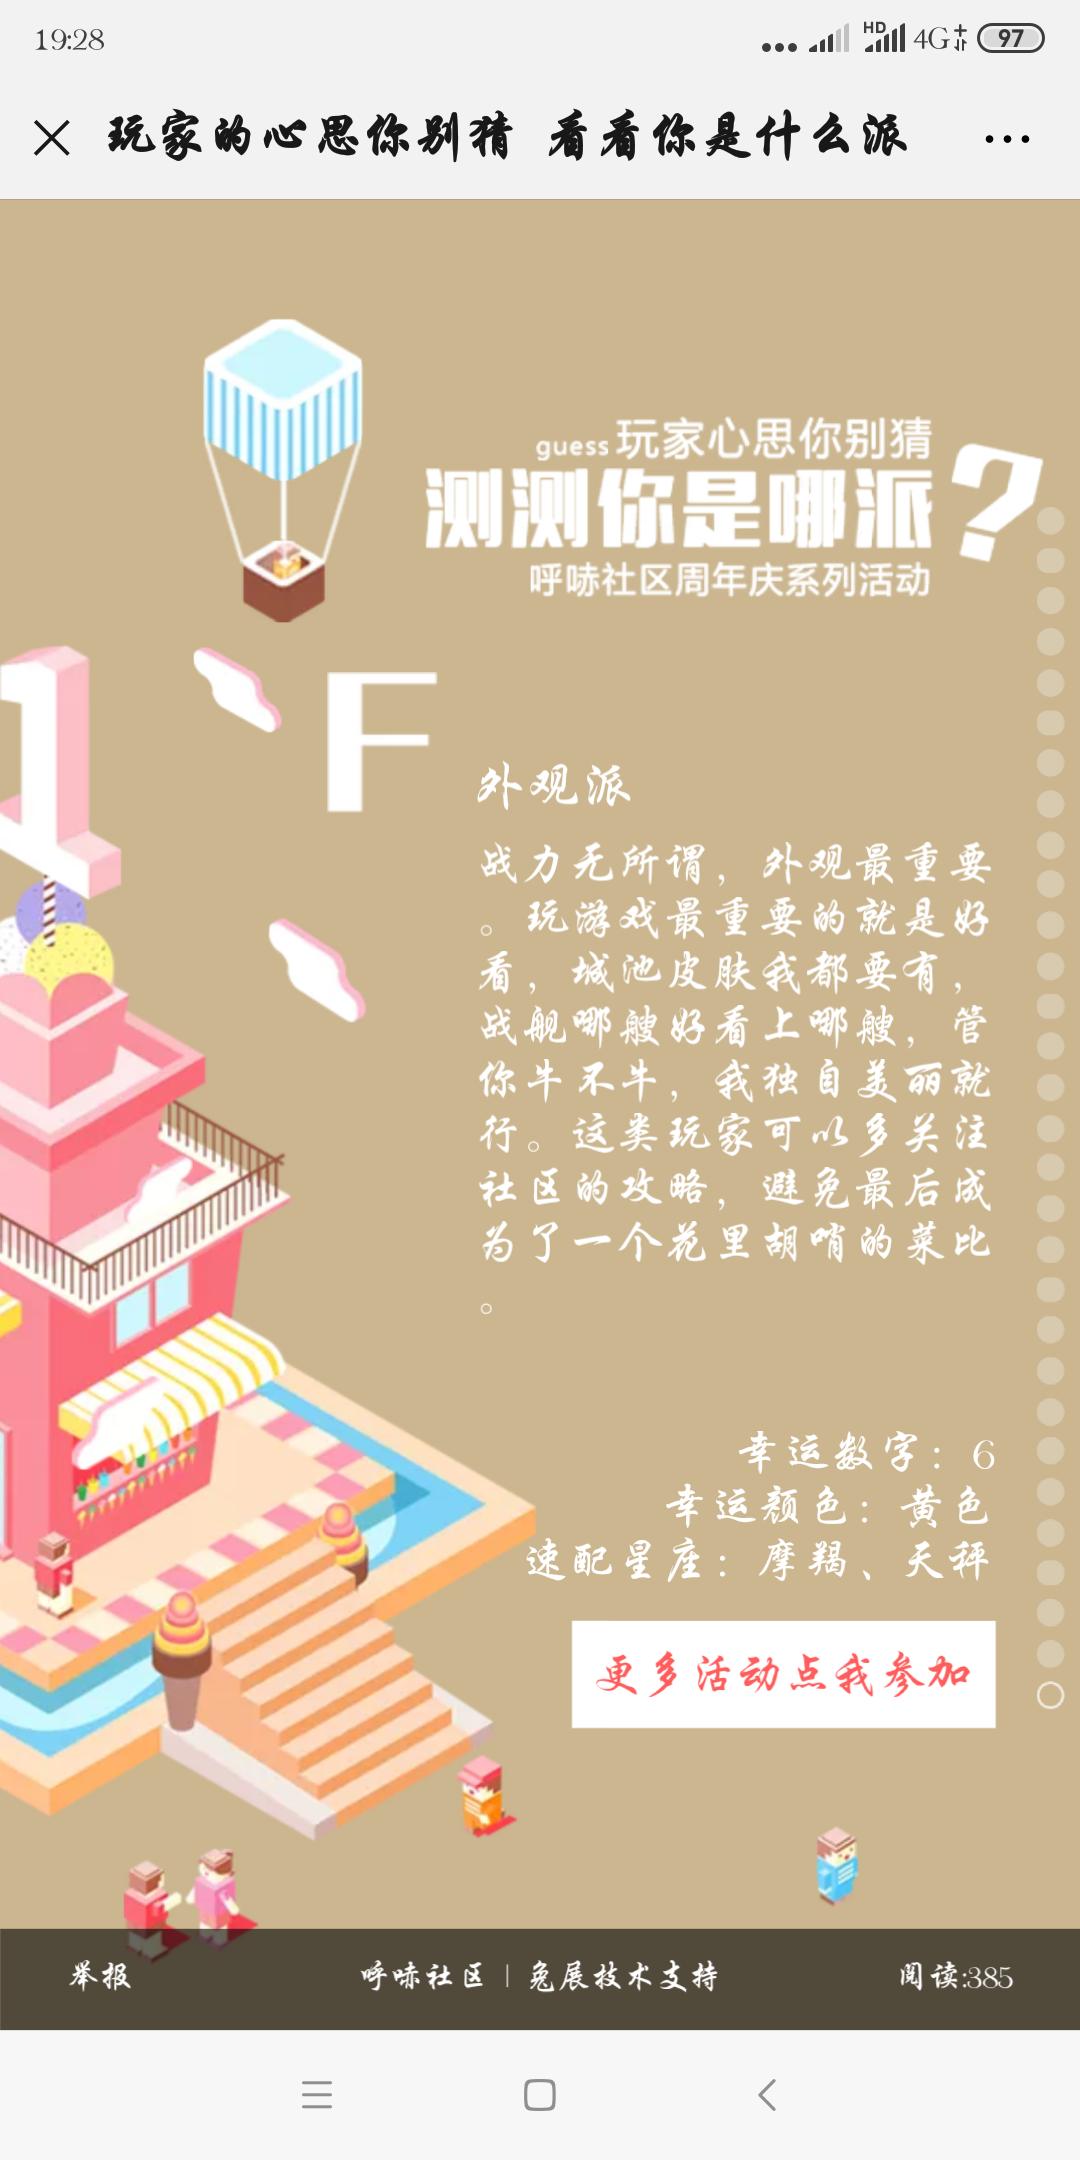 Screenshot_2019-07-25-19-28-42-429_com.tencent.mm.png